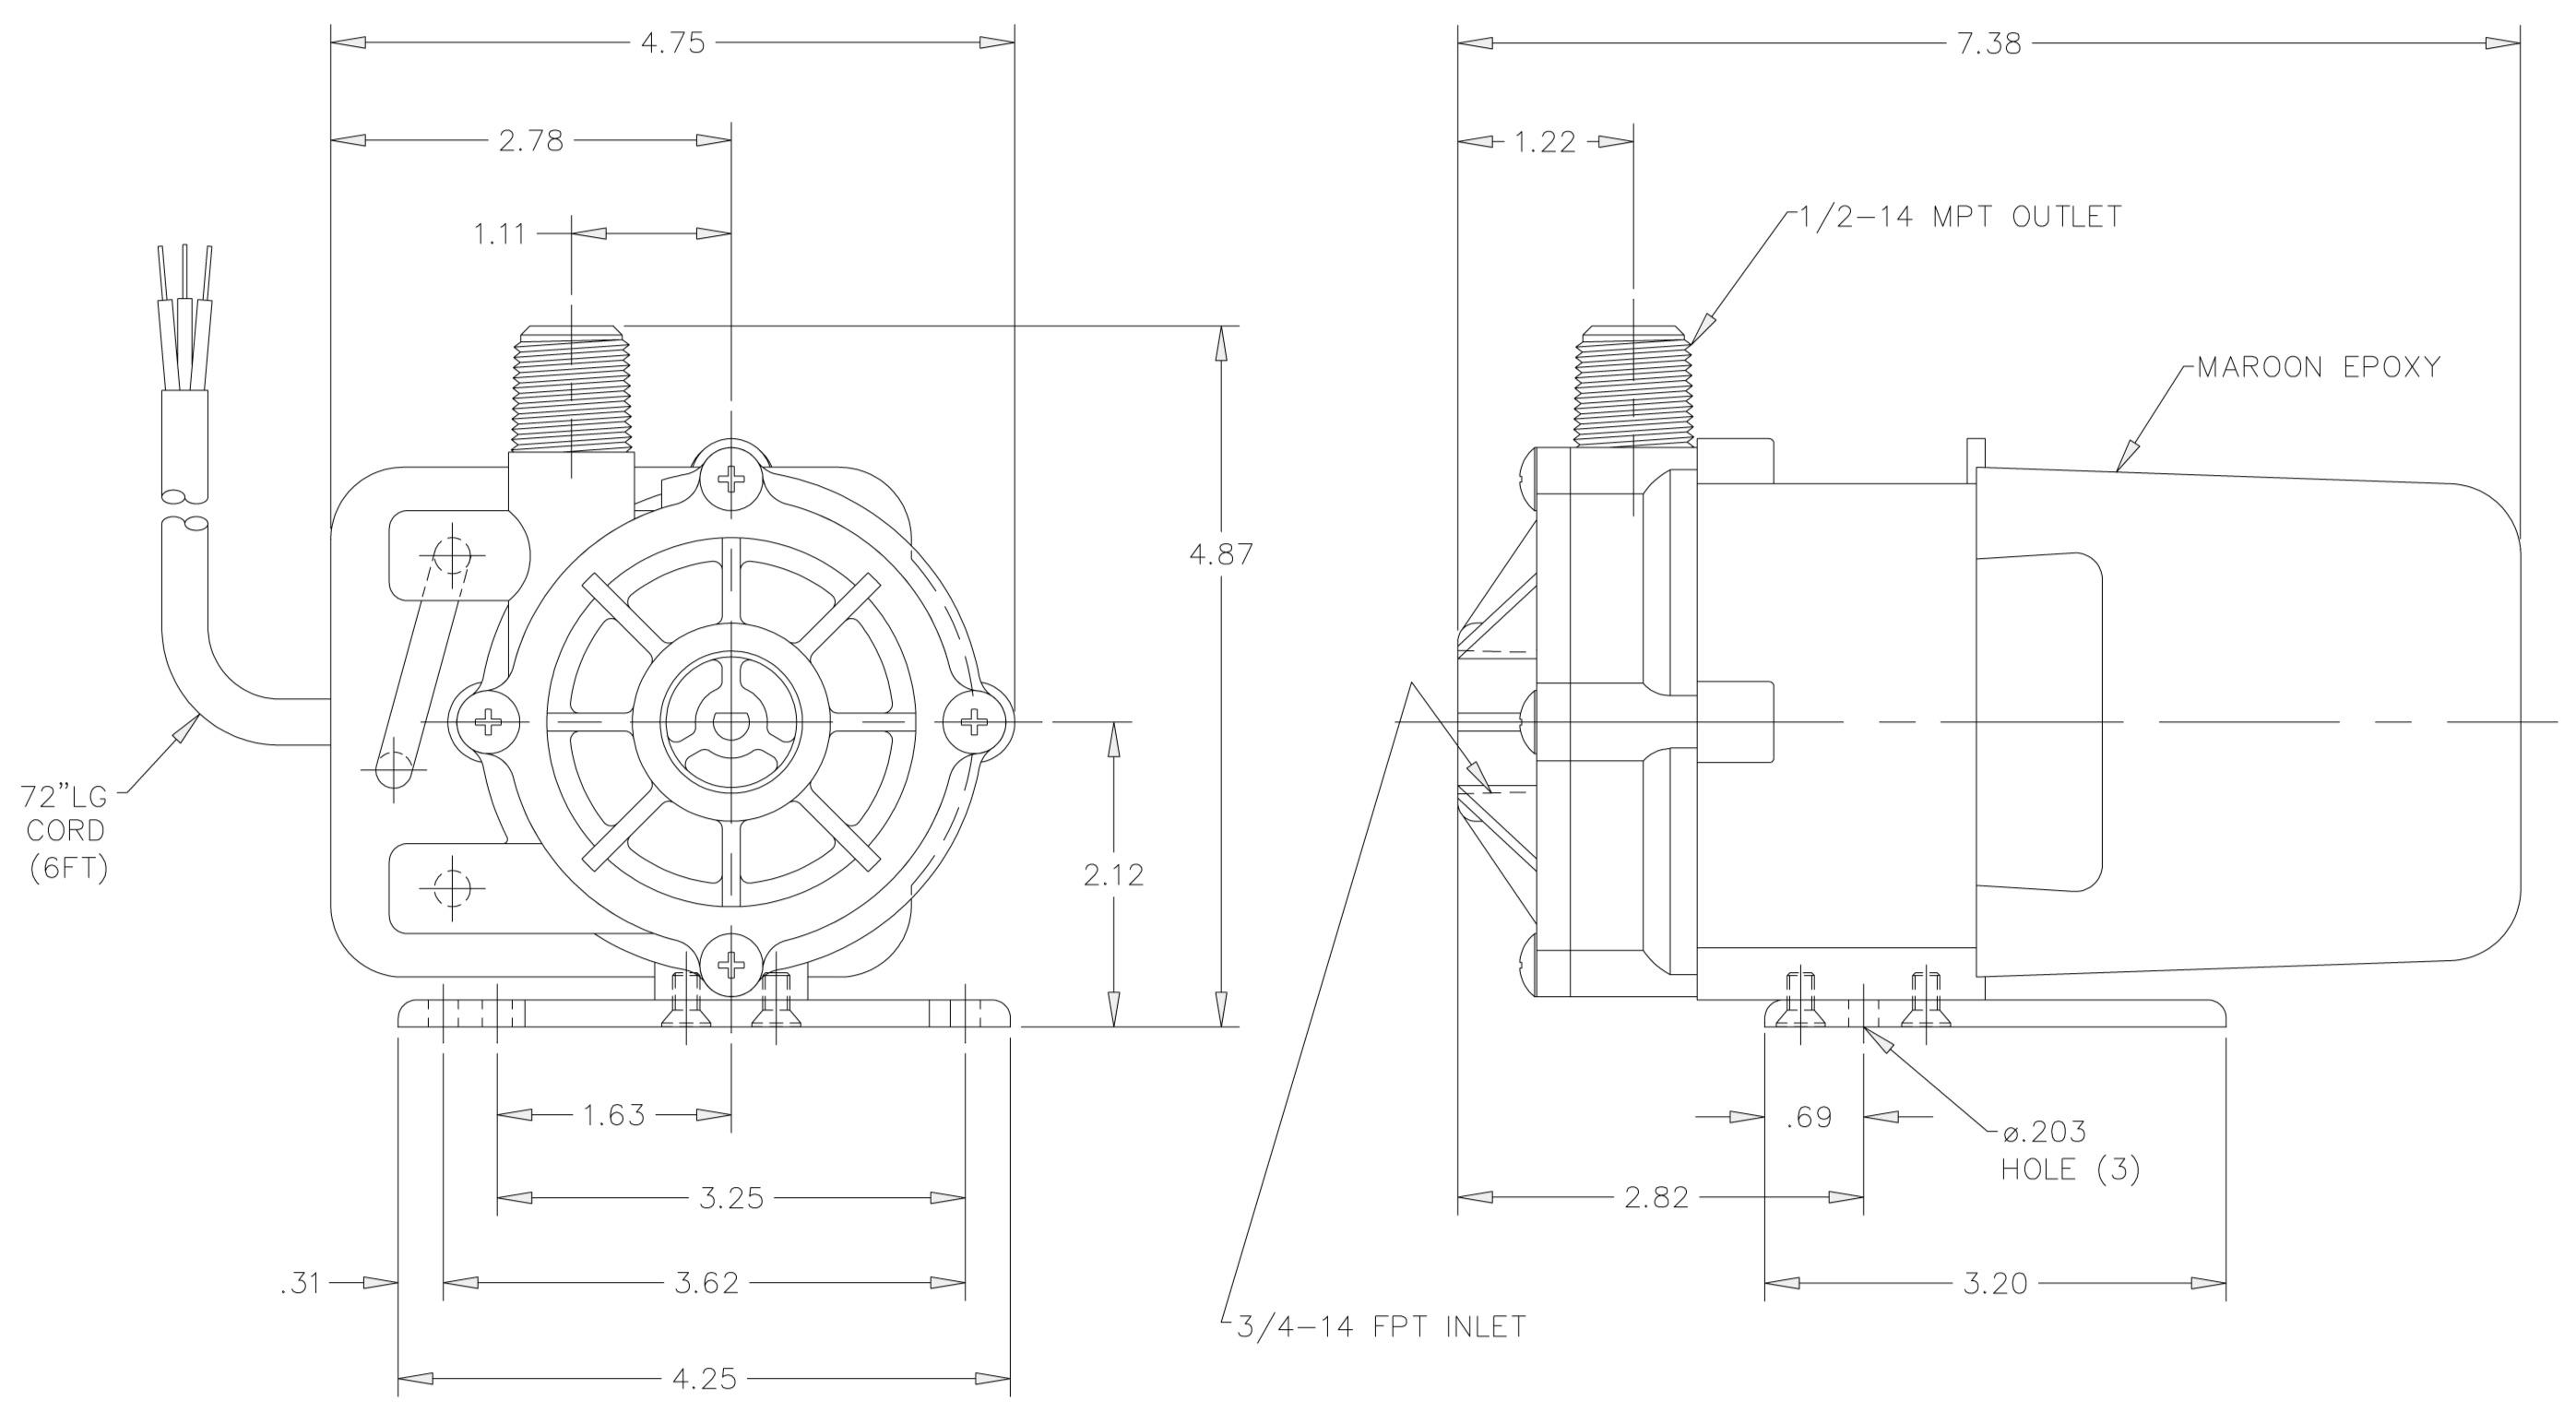 Bazooka Tube Wiring Diagram : Bazooka Bass Tube Wiring